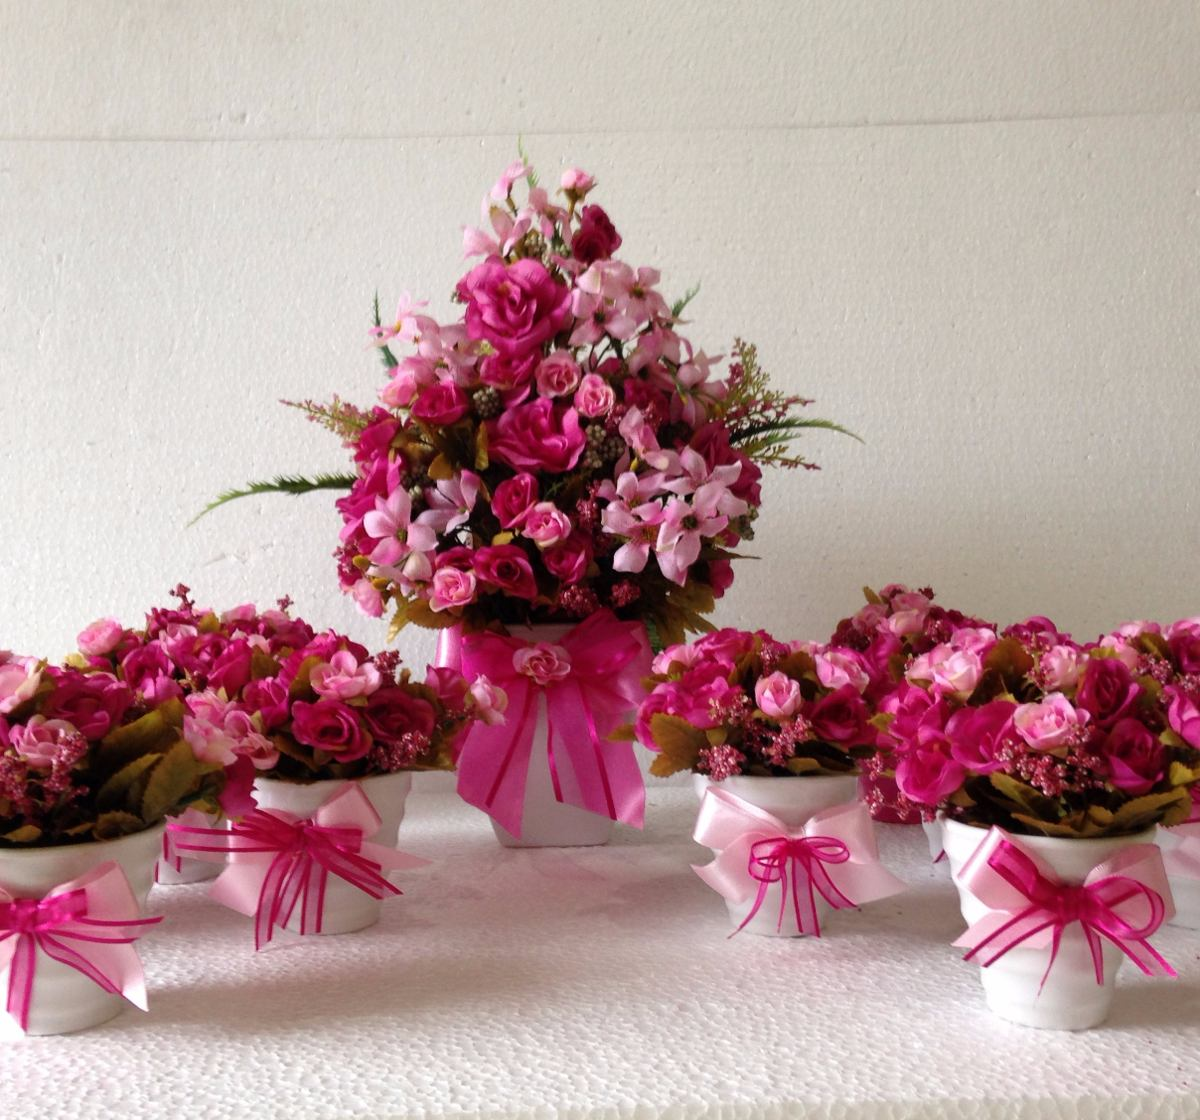 Arranjo De Flores Artificiais, Kit Para Festas R$ 650,00 em Mercado Livre -> Decoração Arranjos De Flores Artificiais